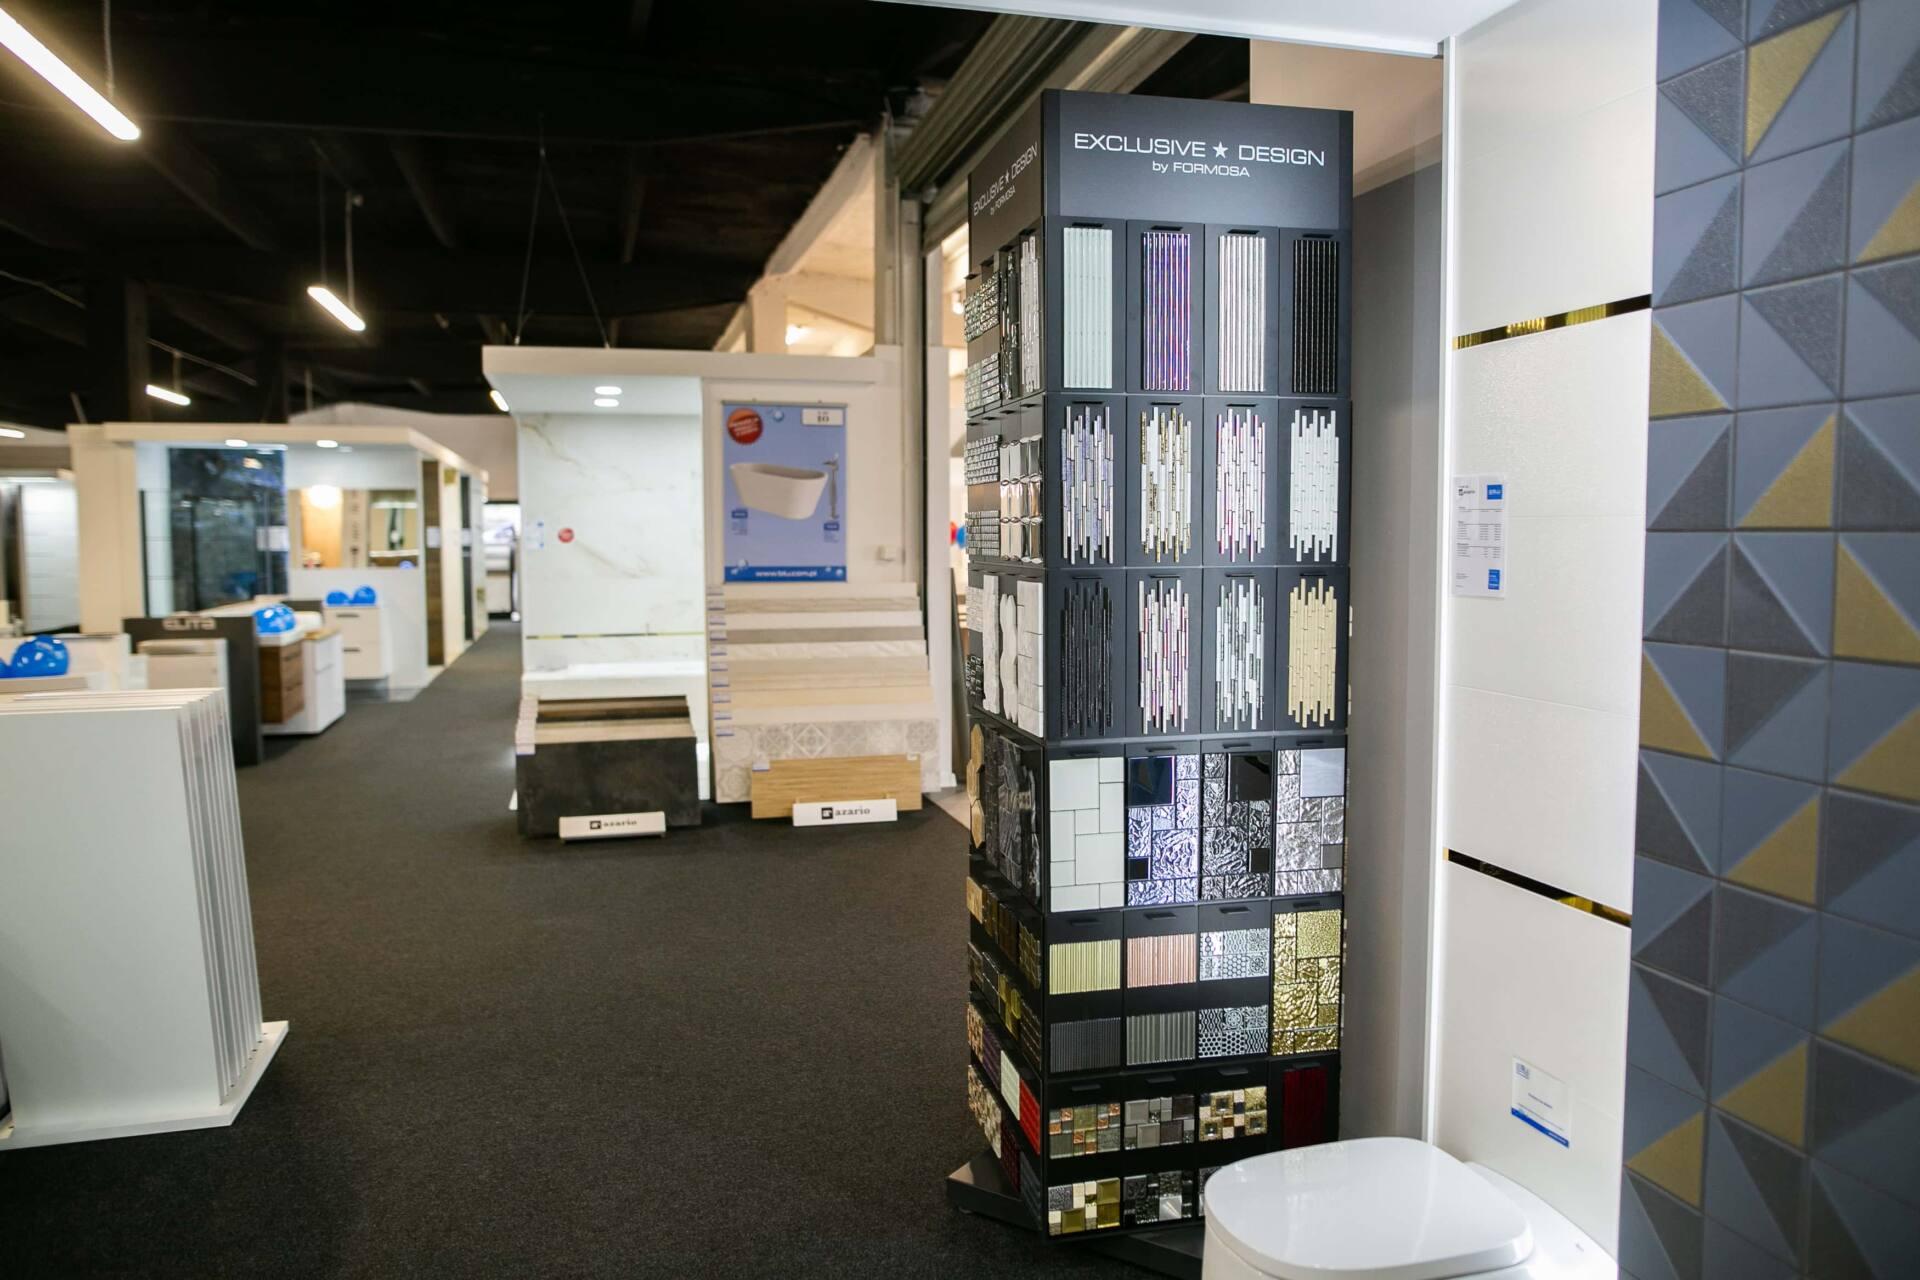 5db 5580 Salon BLU: na ponad 500 m2., 36 łazienkowych aranżacji i bogata ekspozycja wyposażenia (zdjęcia)